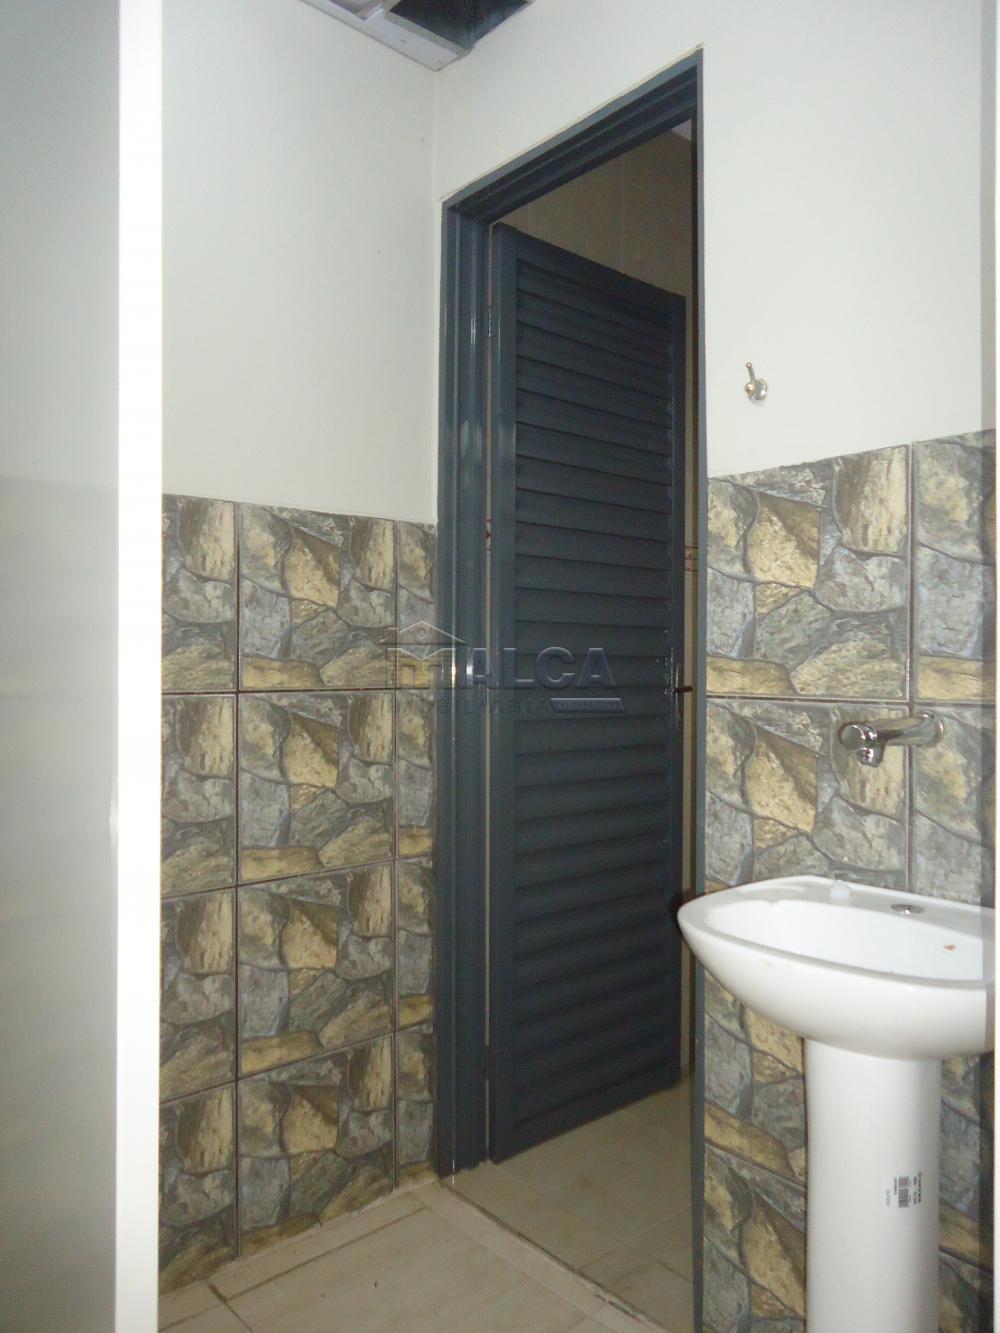 Alugar Casas / Padrão em São José do Rio Pardo apenas R$ 2.450,00 - Foto 64